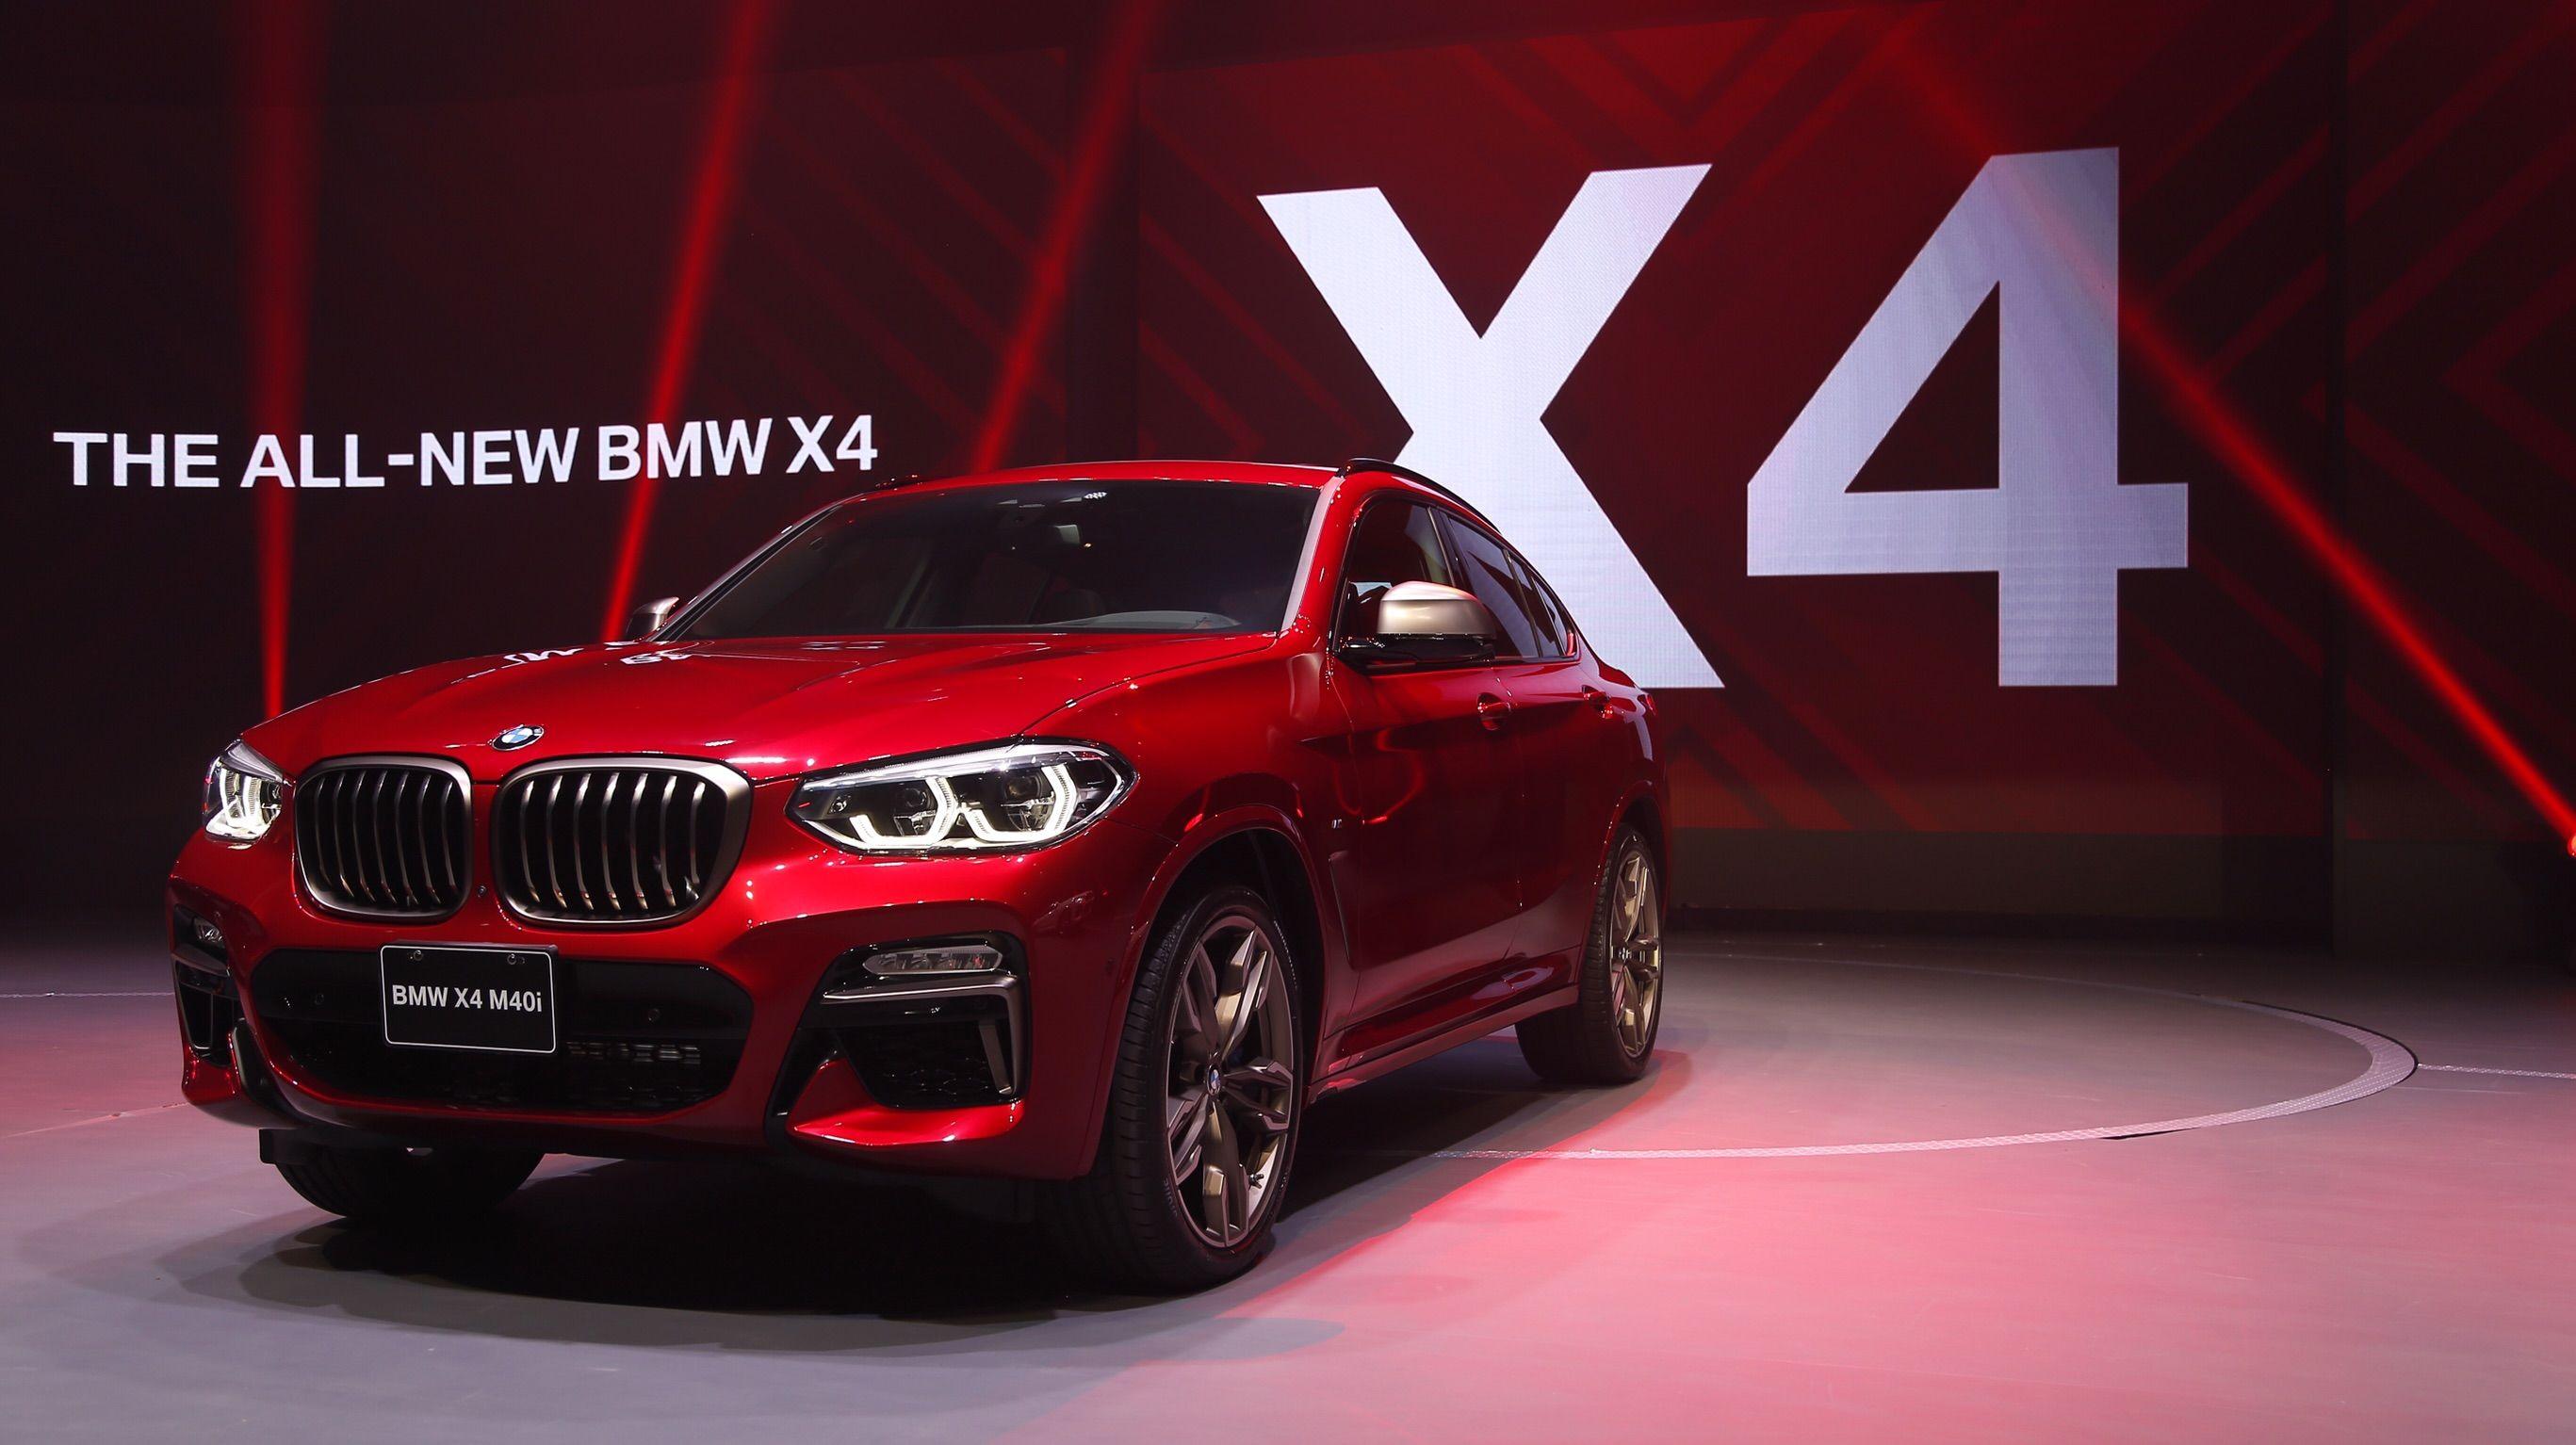 全新世代 BMW X4 跨界跑旅戰將正式登場